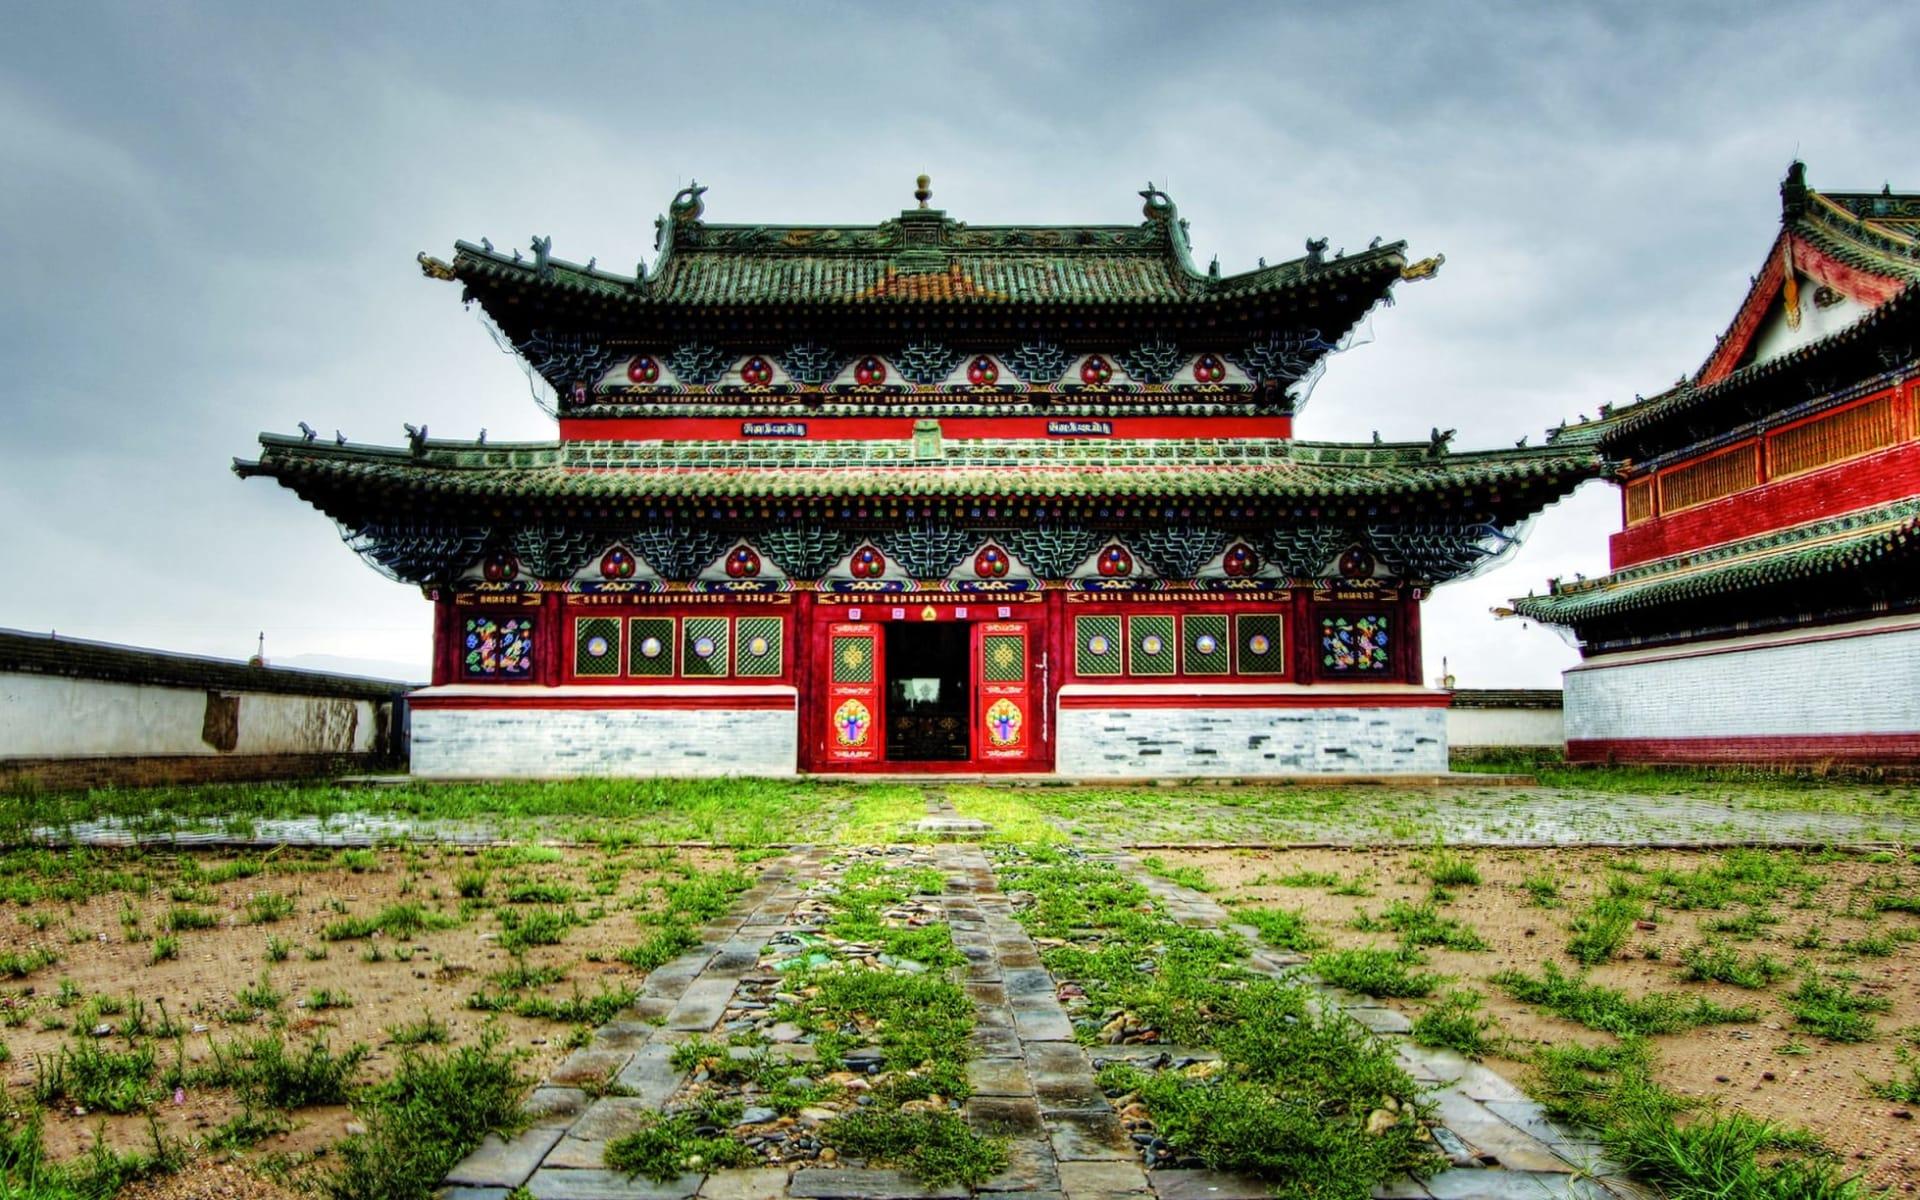 Sonderzug Zarengold von Moskau in die Mongolei - Mongoleirundreise und weiter nach Peking: Mongolei_Karakorum_Kloster_